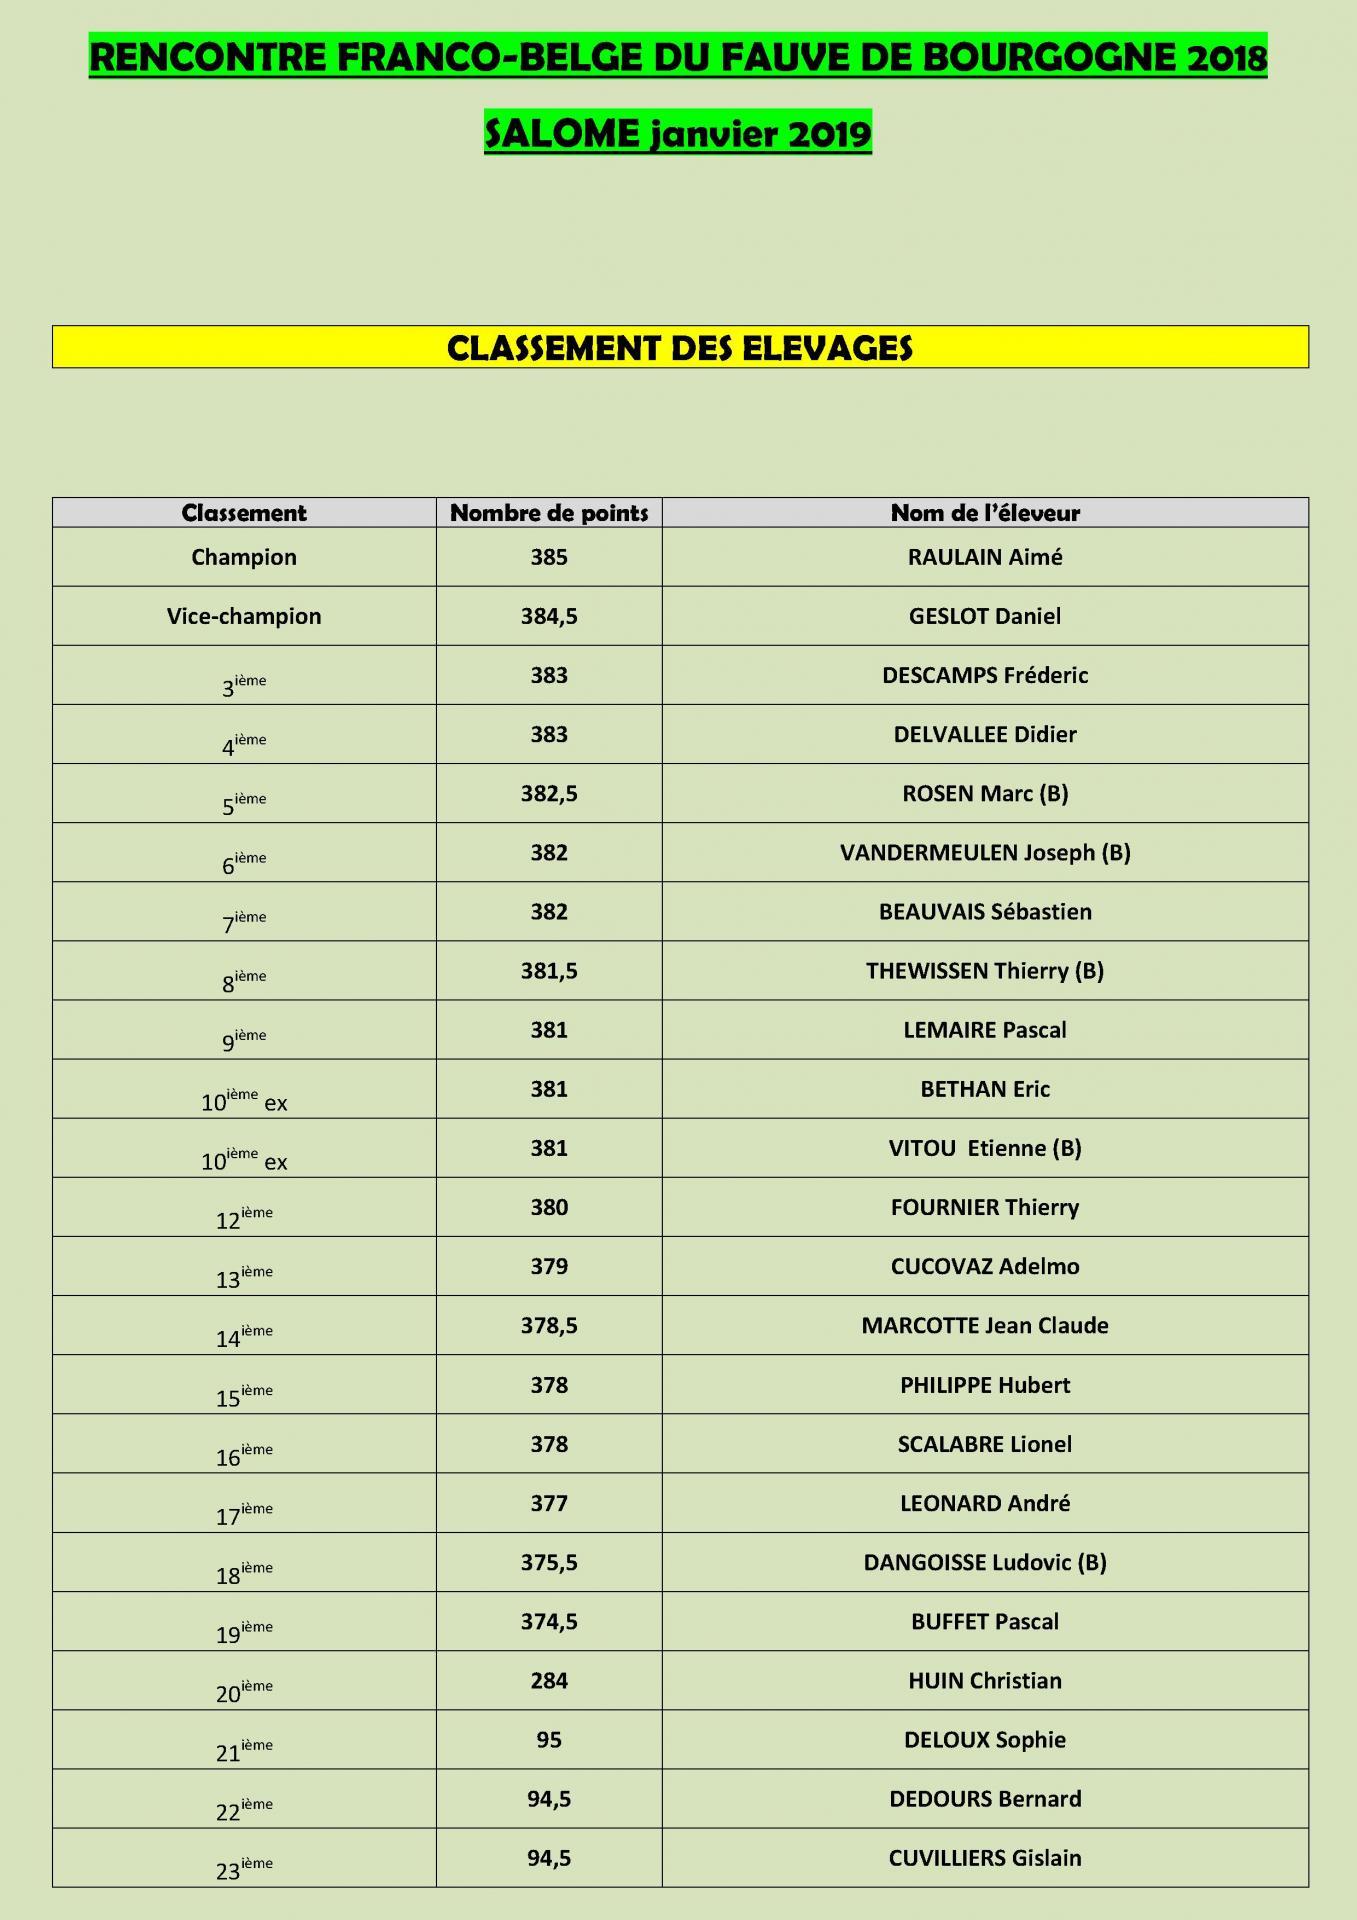 Rencontre franco belge salome 2018 elevages pour le site 1